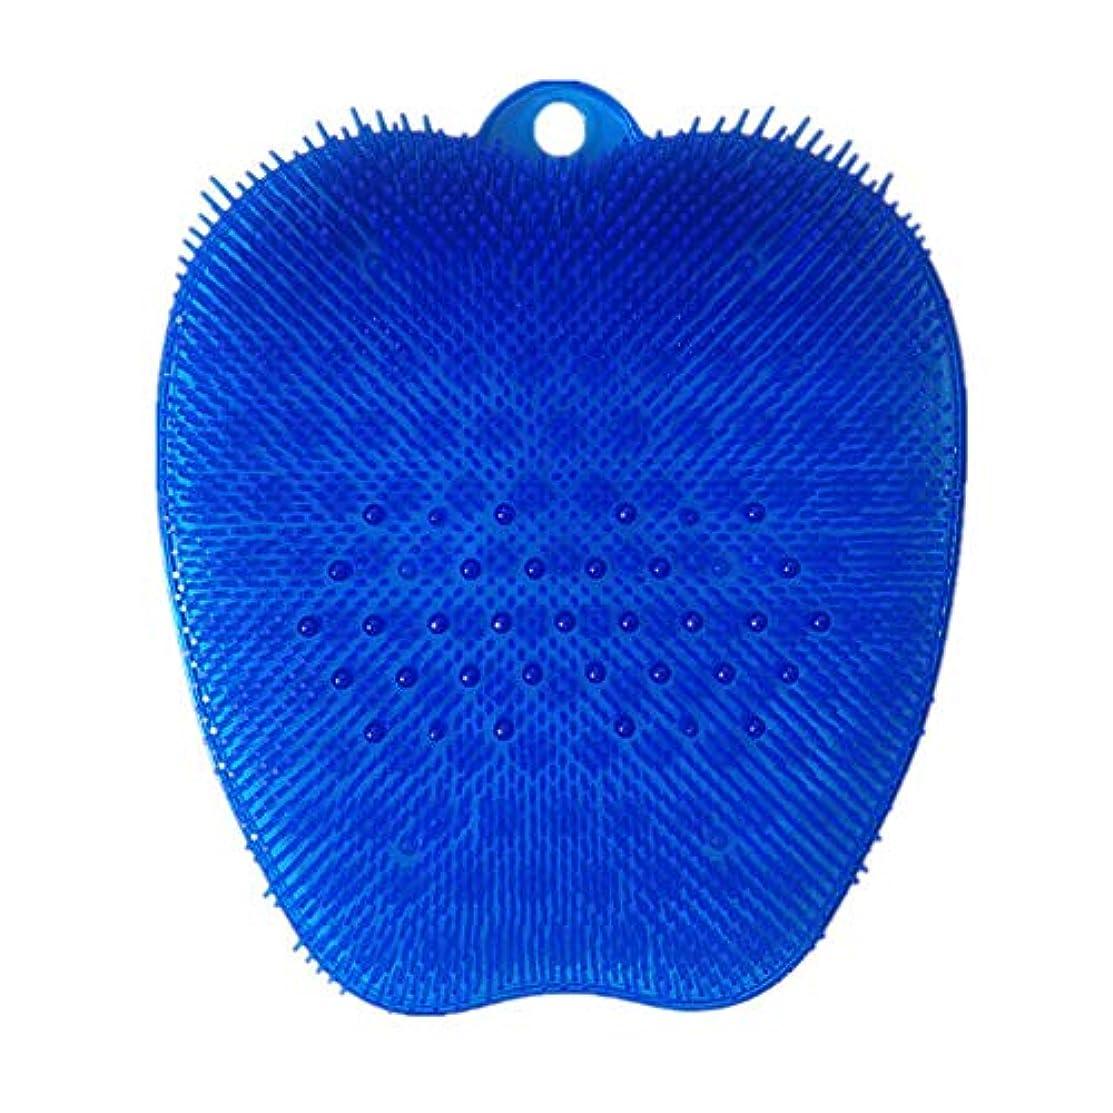 チャンバー三番正確に足洗いブラシ 滑らない吸盤付き ブルー フットケア フットブラシ 角質ケアブラシ お風呂で使える